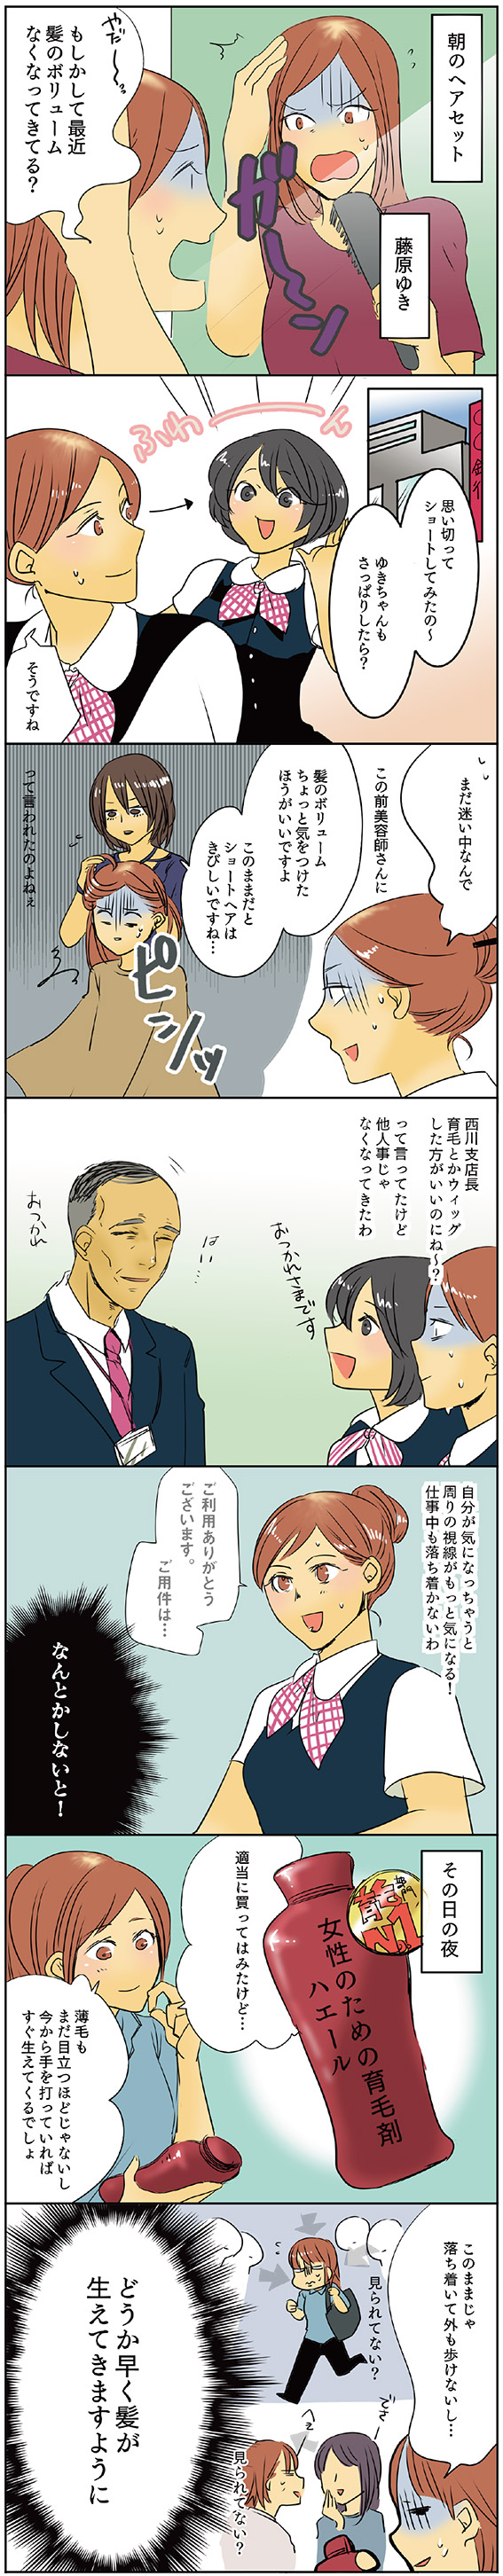 発毛漫画1